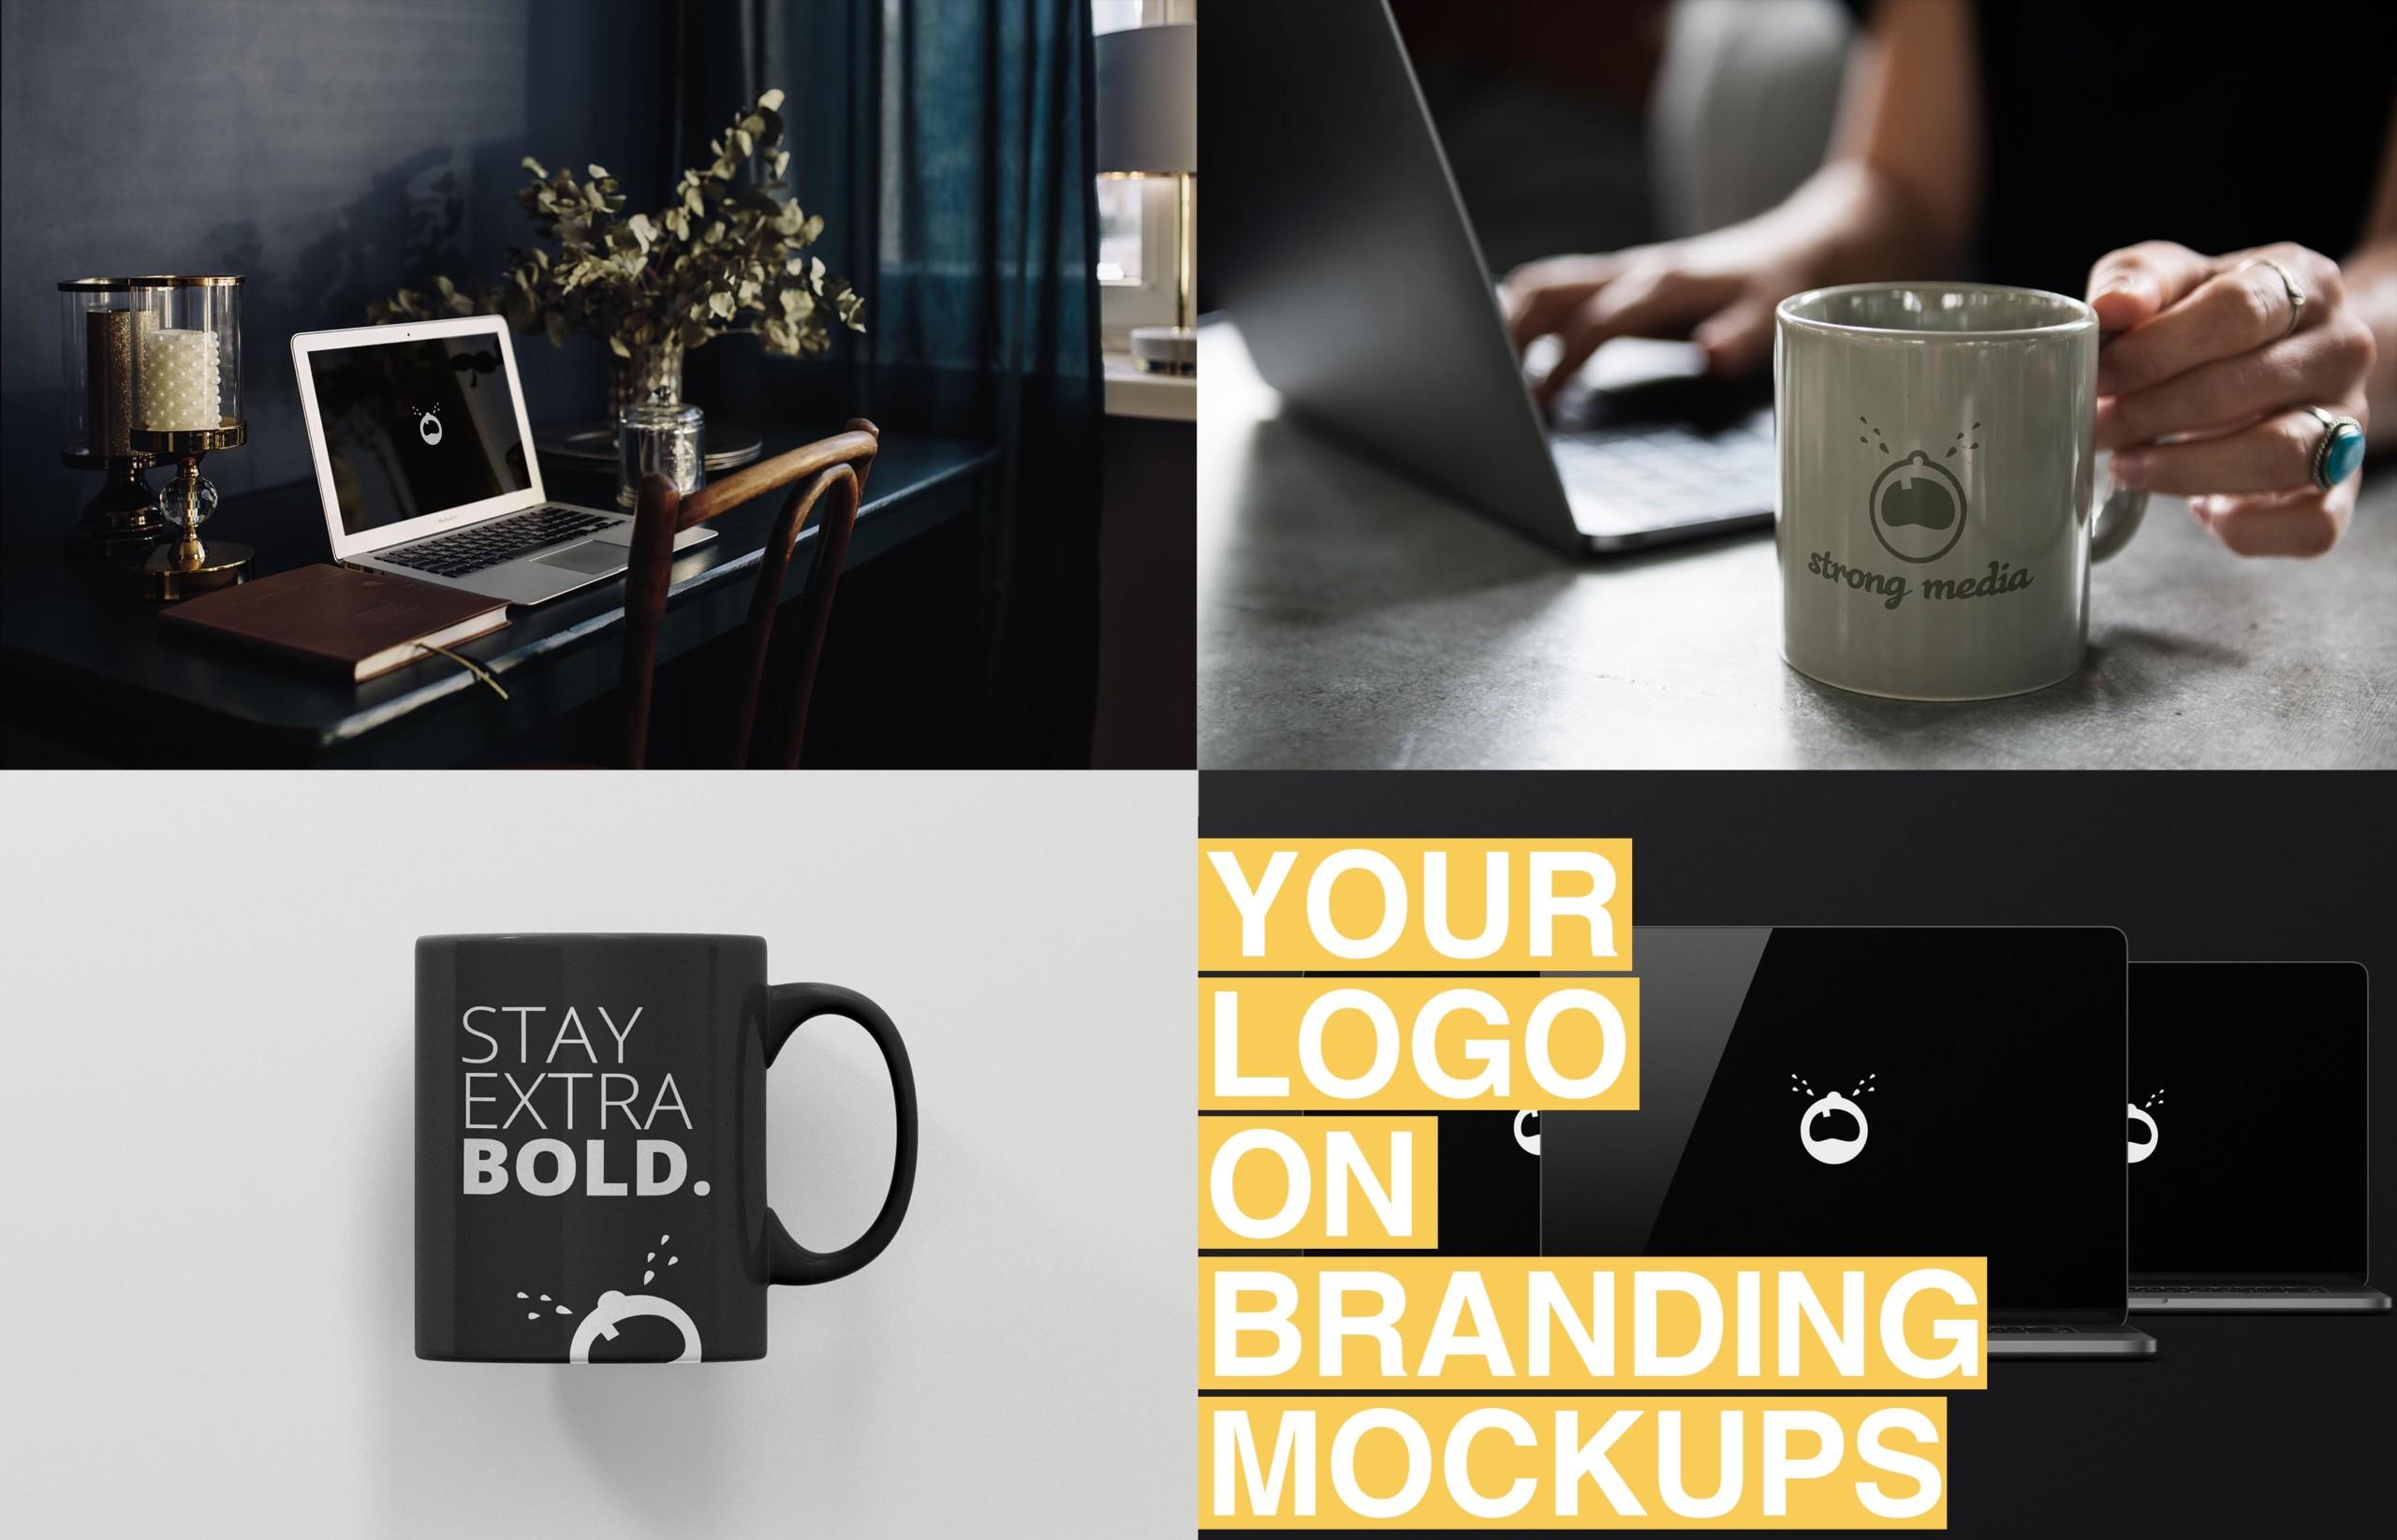 your logo on branding mockupsC